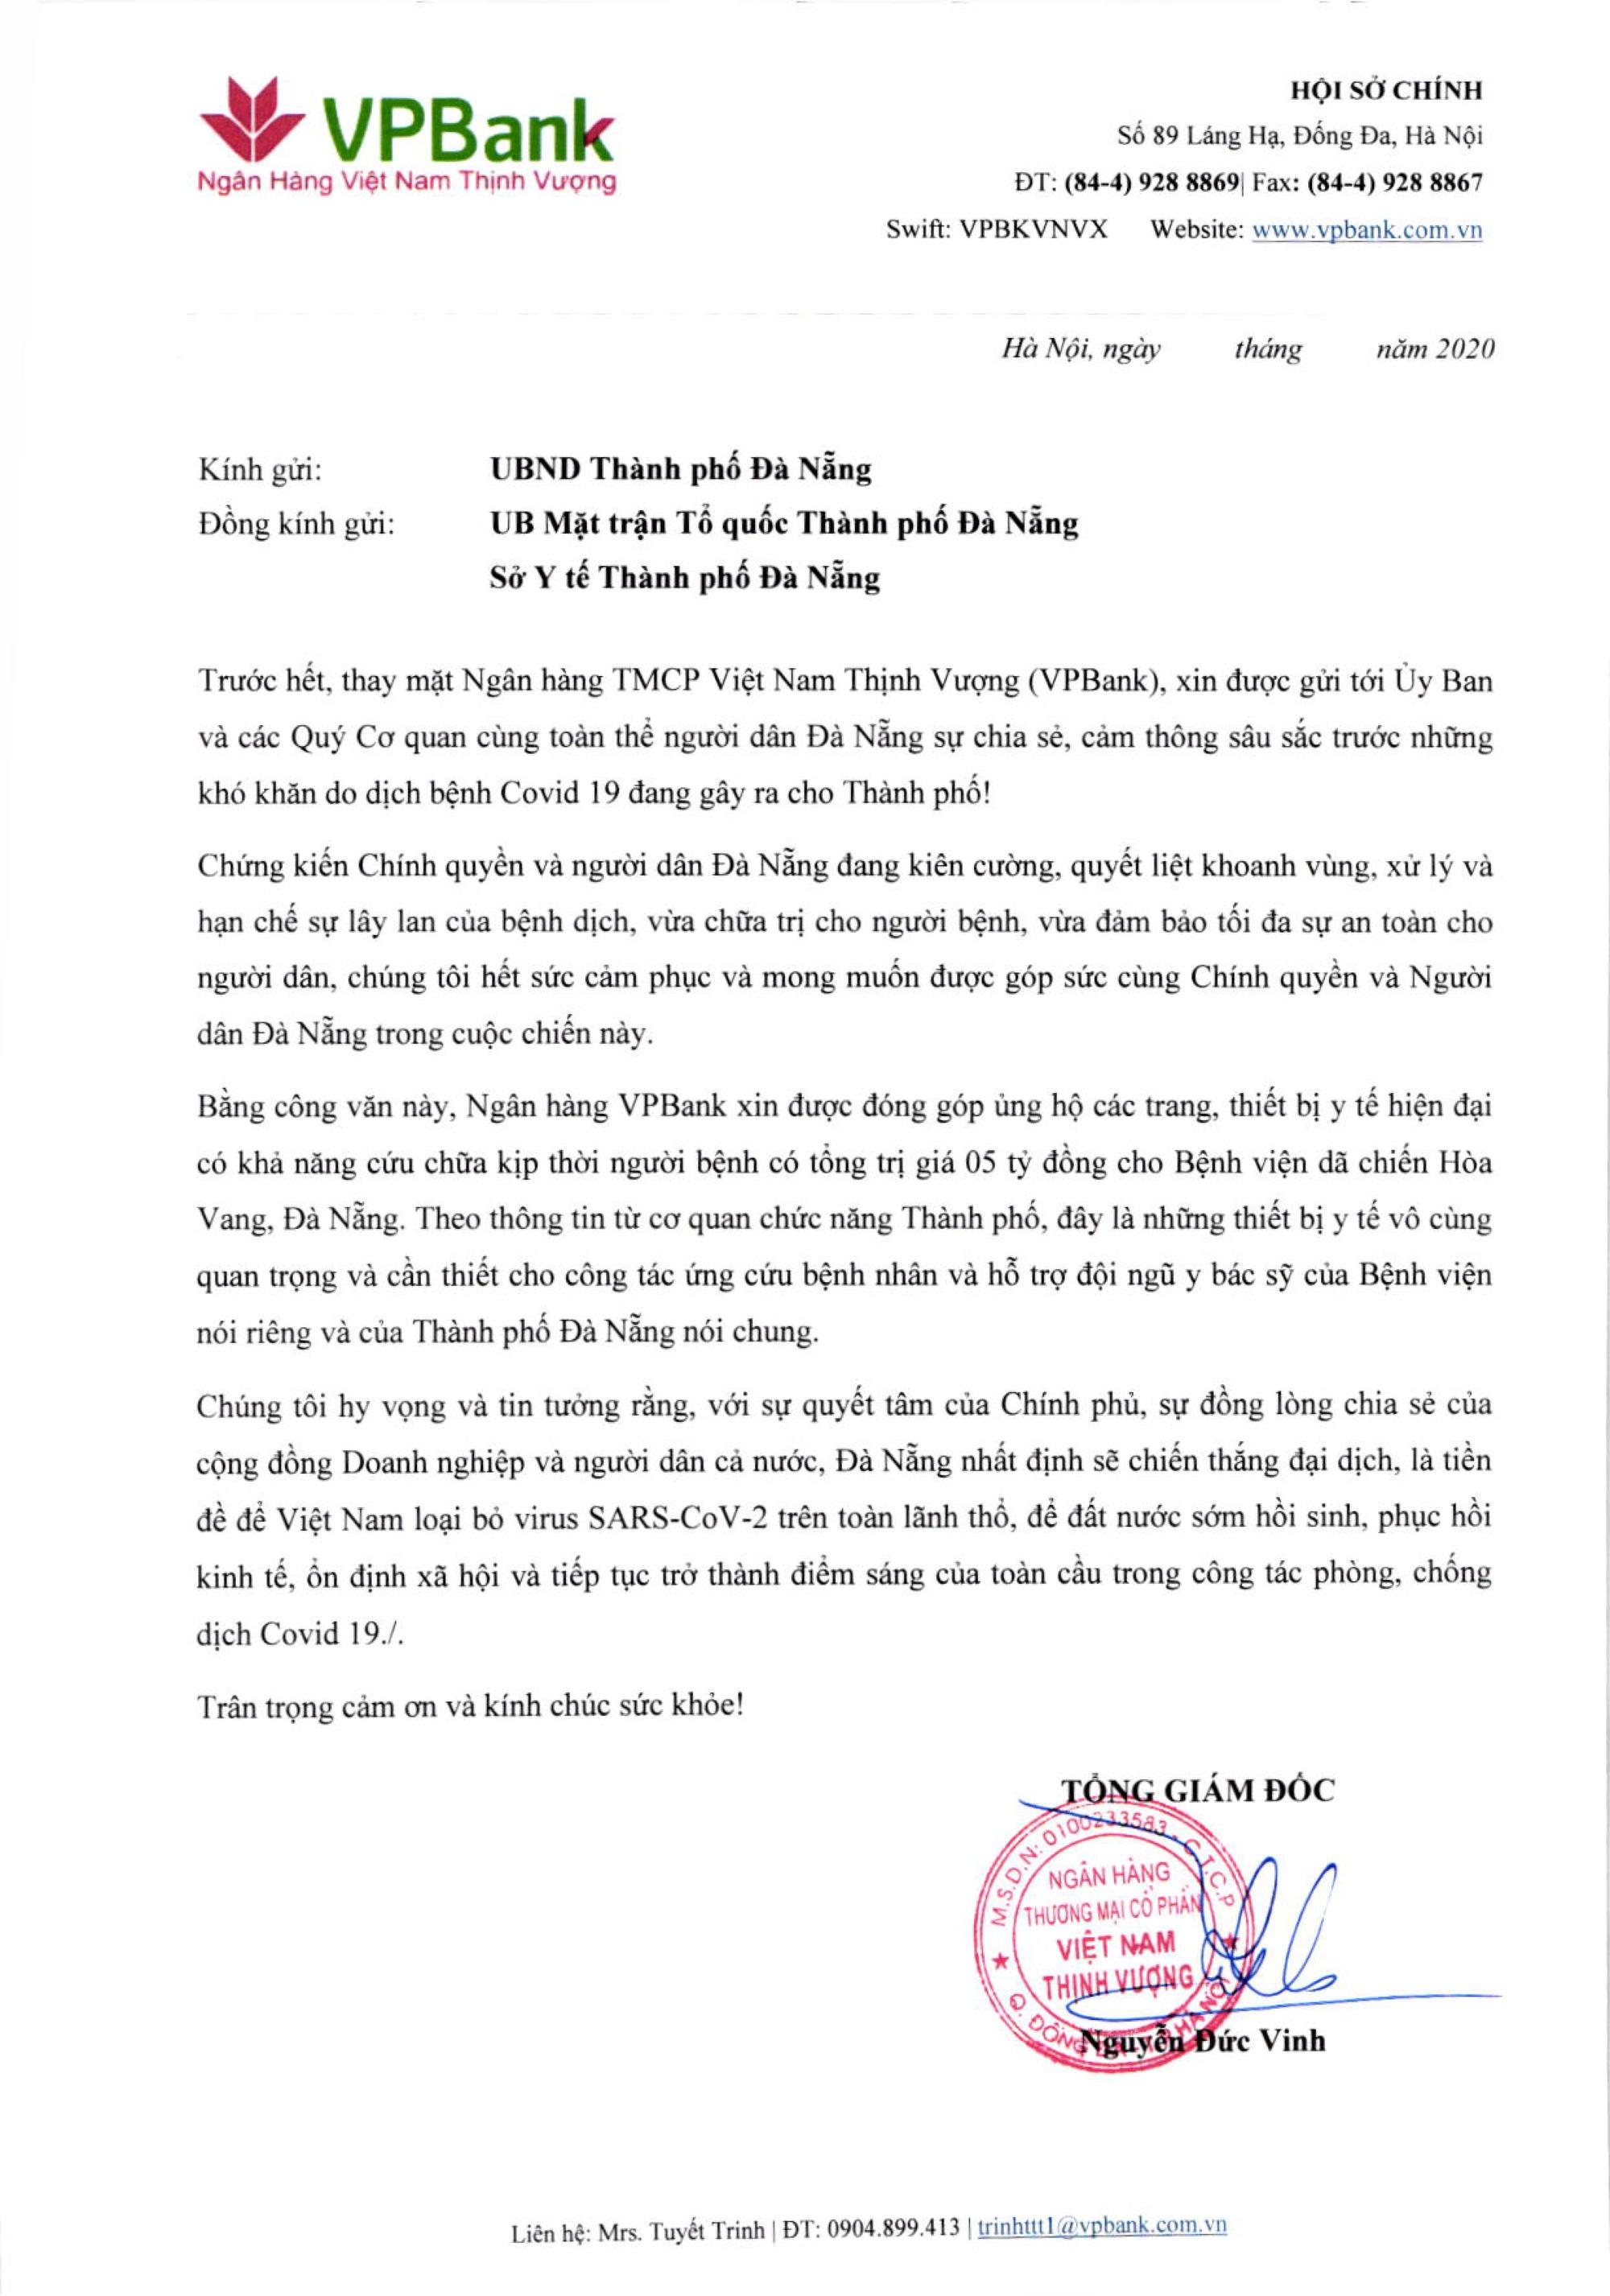 VPBank ủng hộ 5 tỷ đồng cho bệnh viện dã chiến Hòa Vang, Đà Nẵng - Ảnh 2.